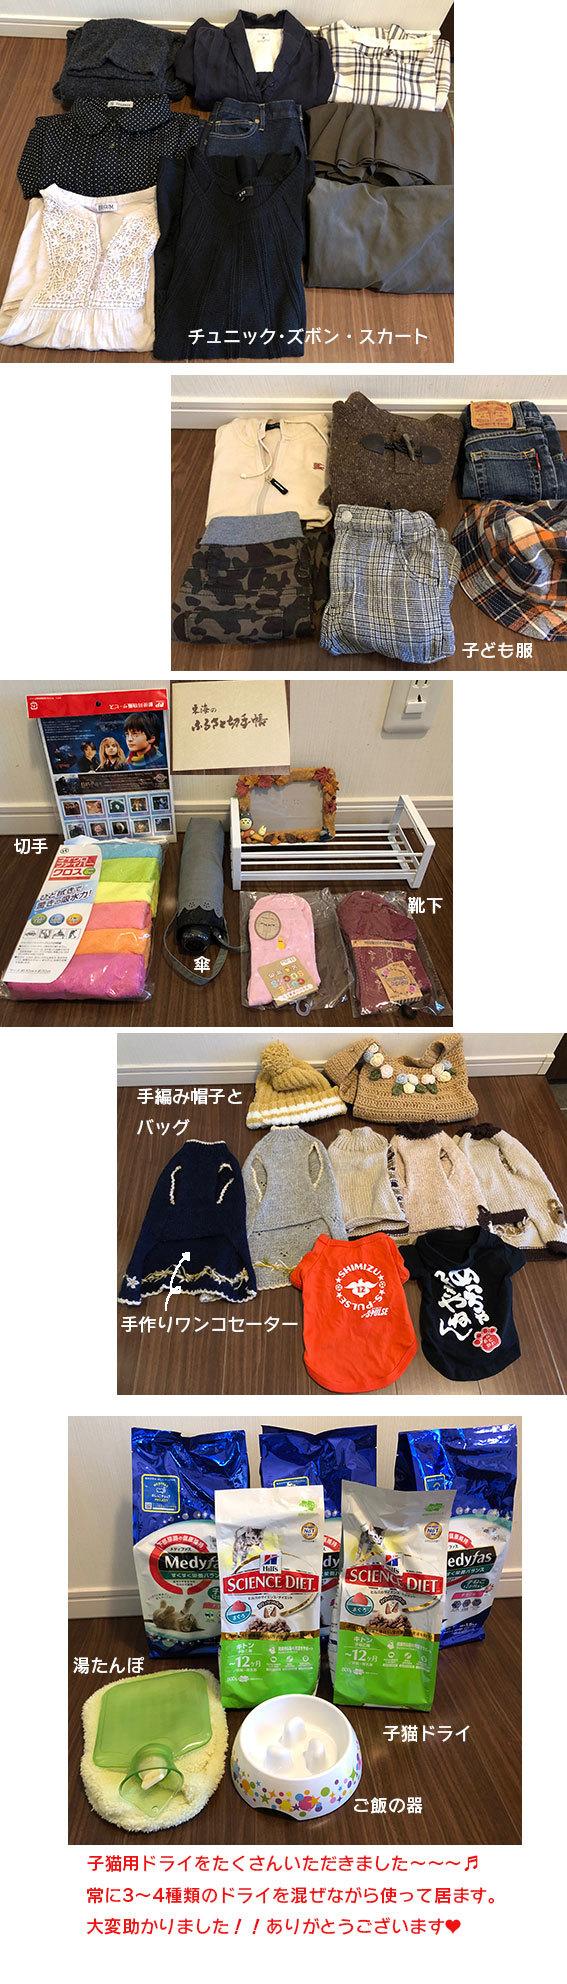 面会のお客様♬&フリマ品・子猫ドライありがとう〜!&おなか空いた大合唱_d0071596_22361472.jpg